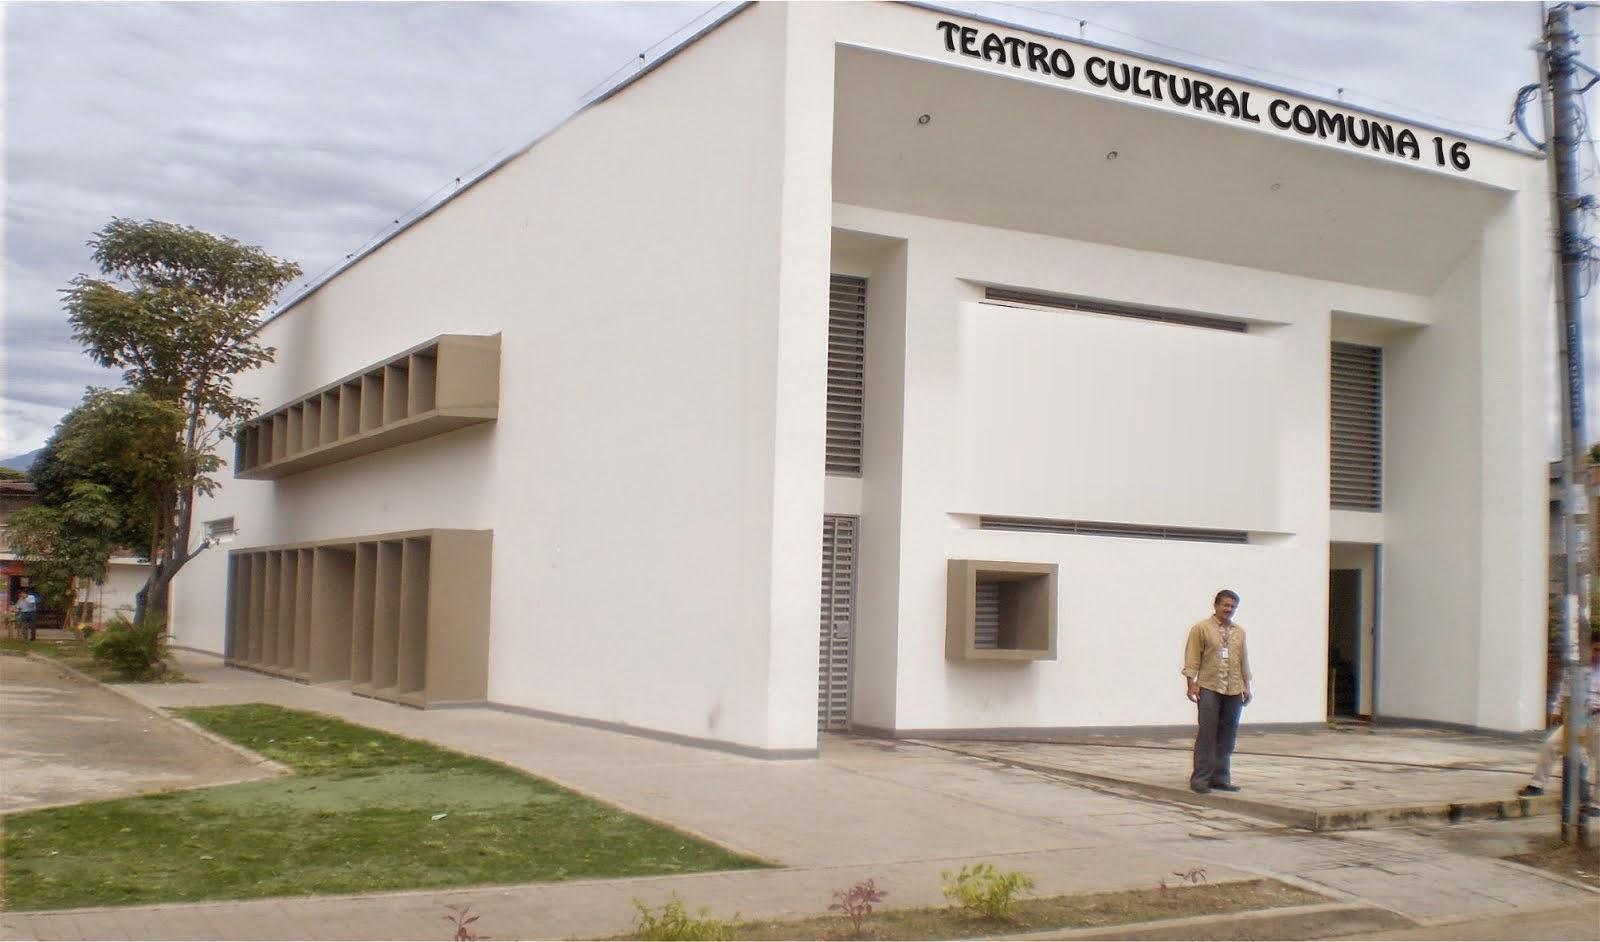 CENTRO CULTURAL COMUNA 16